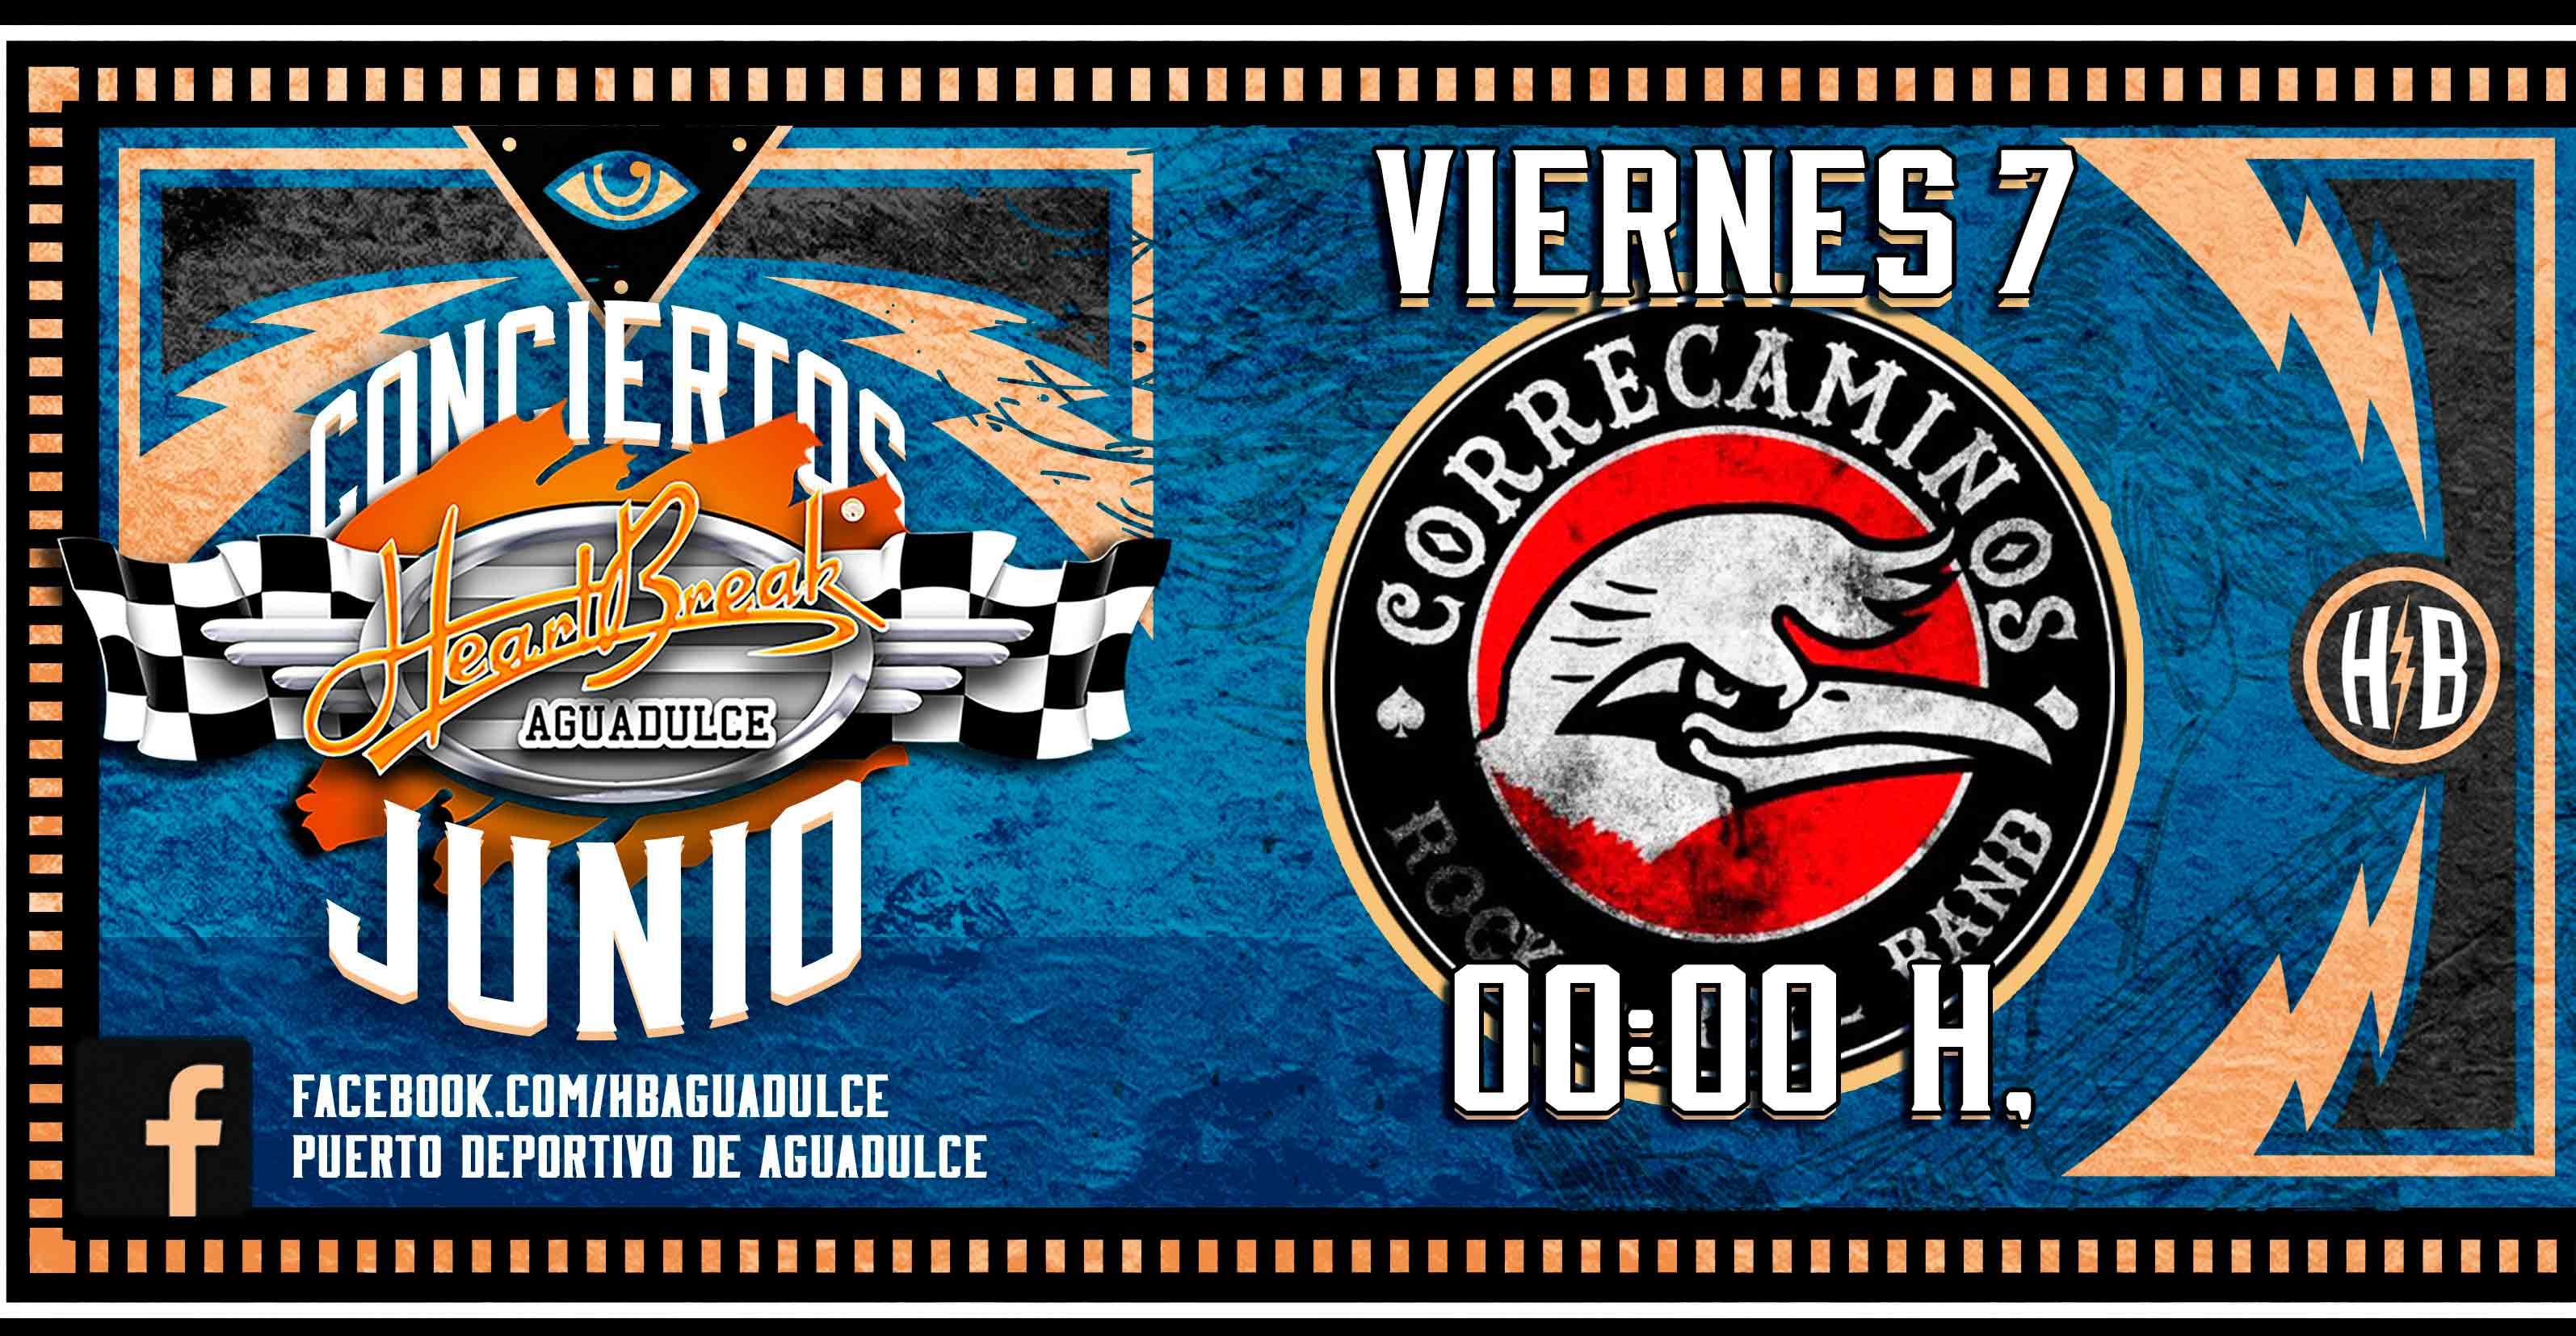 Concierto de Correcaminos Rock and Roll Band